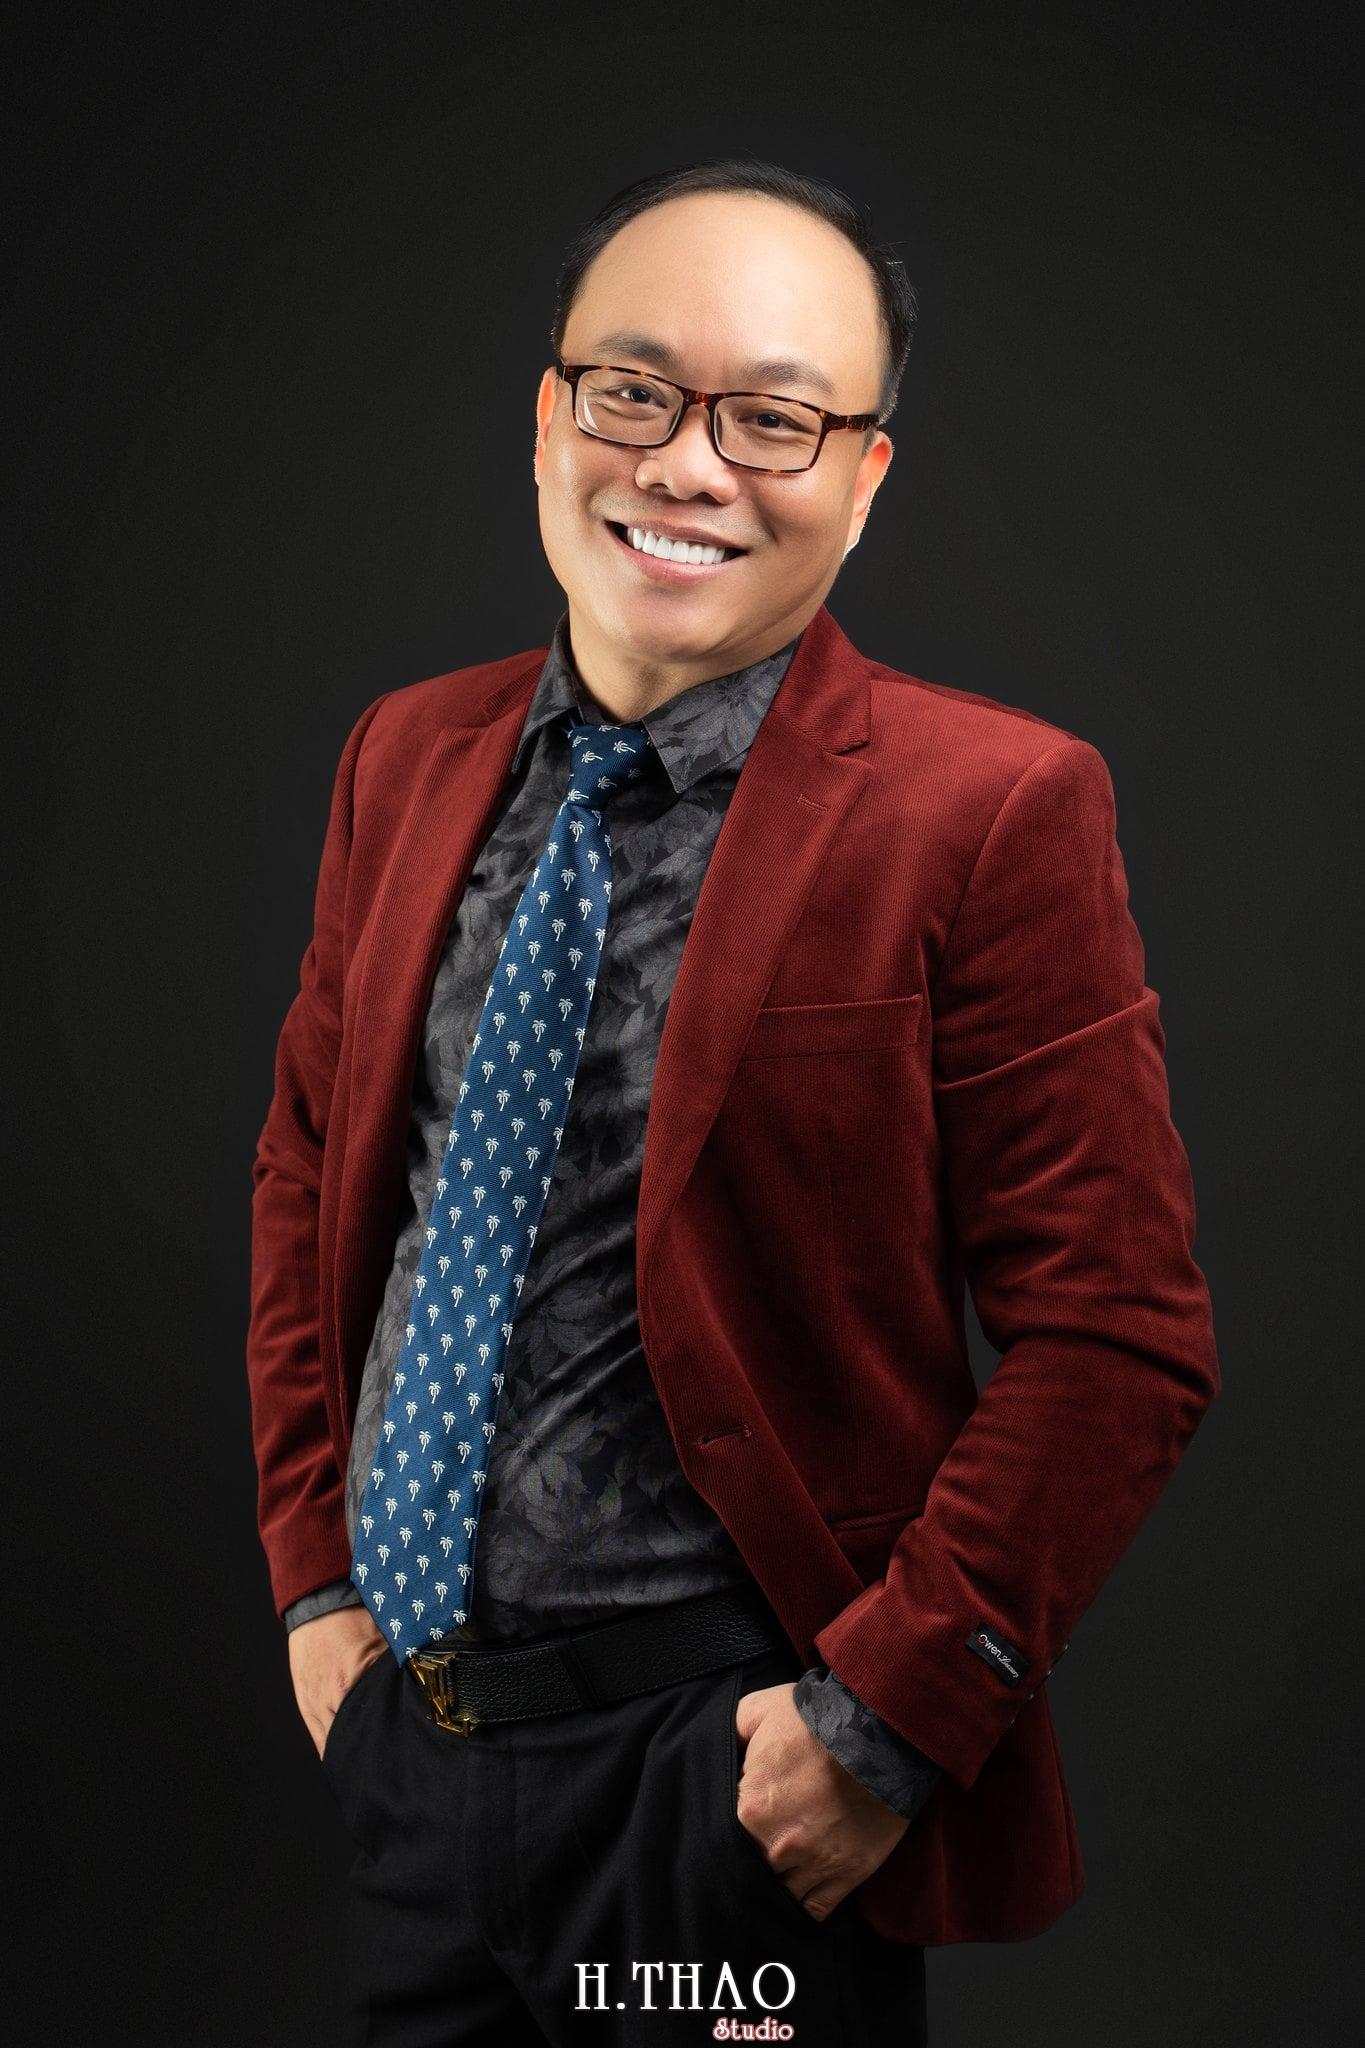 Anh Duy An 4 min - Album ảnh giảng viên, tiến sĩ Duy Ân trẻ tuổi năng động - HThao Studio